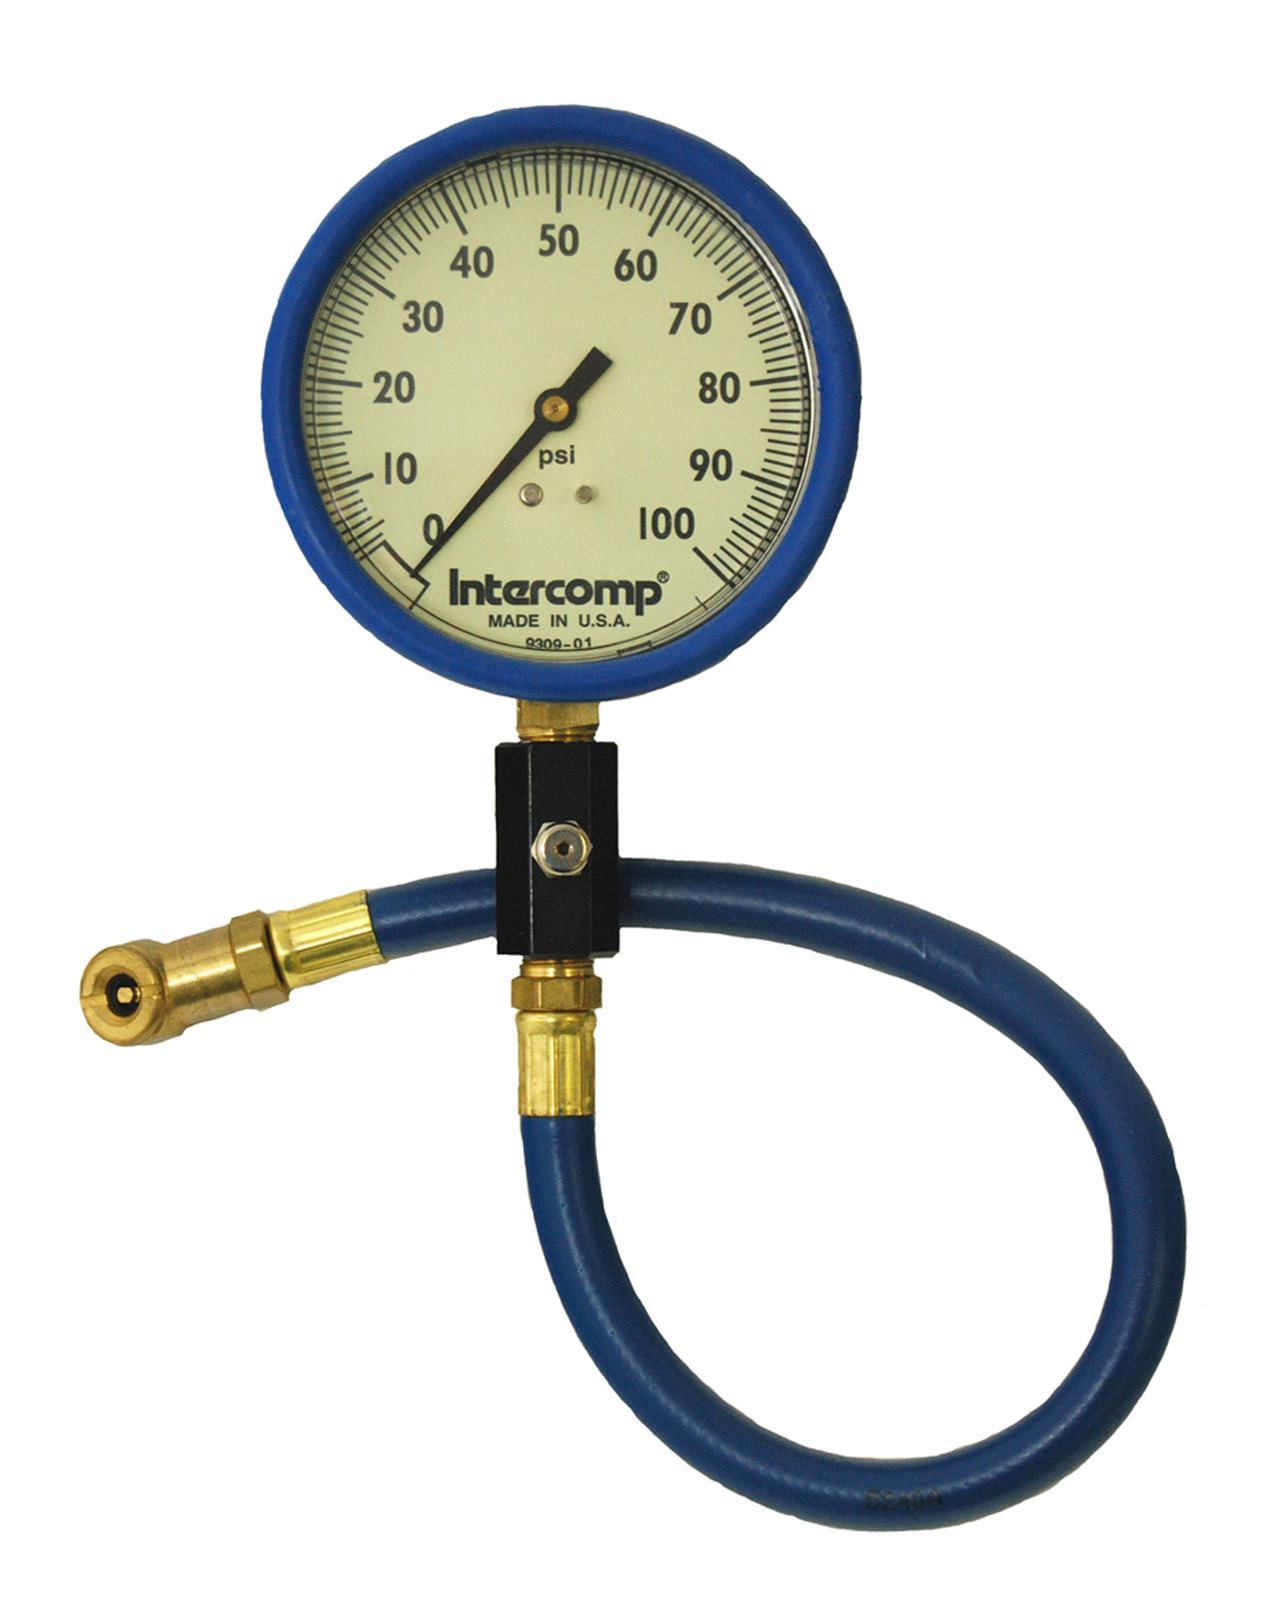 Air Pressure Gauge : Intercomp racing gauge air pressure psi quot dia